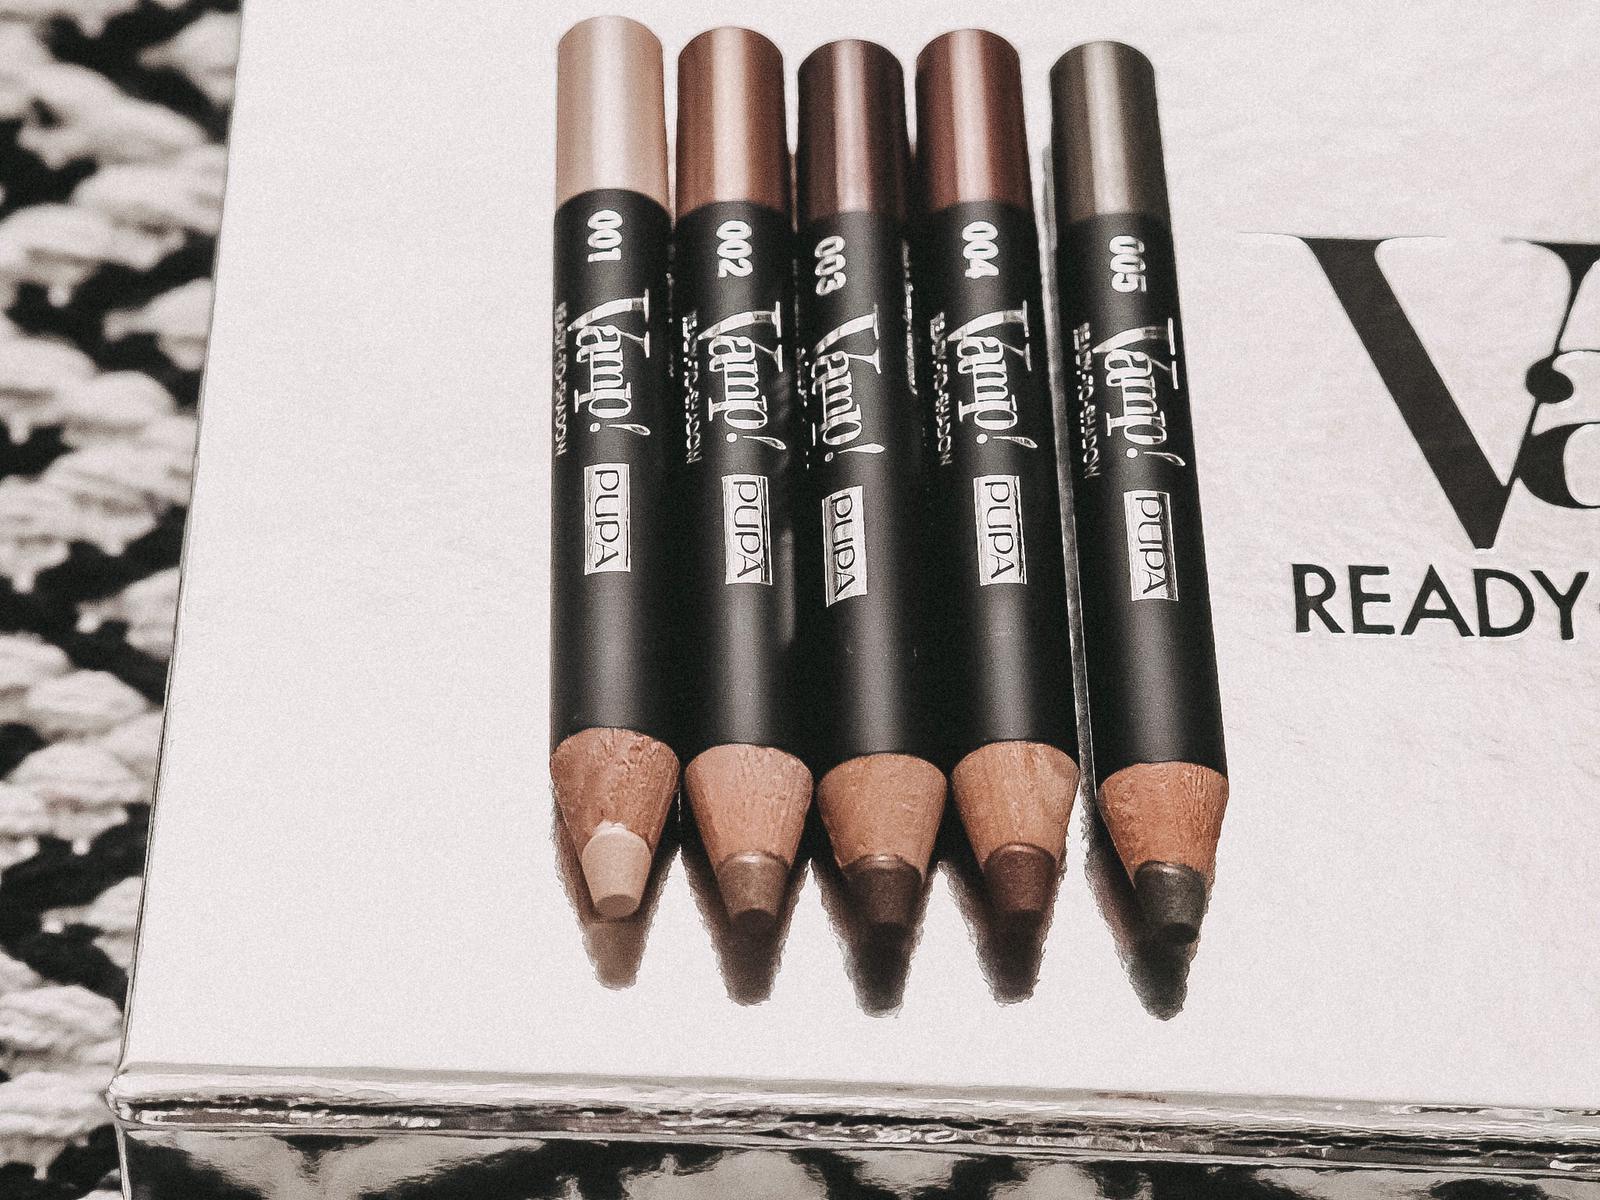 Der Pupa Milano Ready-To-Shadow Lidschattenstift ist ein revolutionärer Lidschatten. Ihr habt einen kompakten Puder in einem Bleistift! Mehr auf dem Blog !